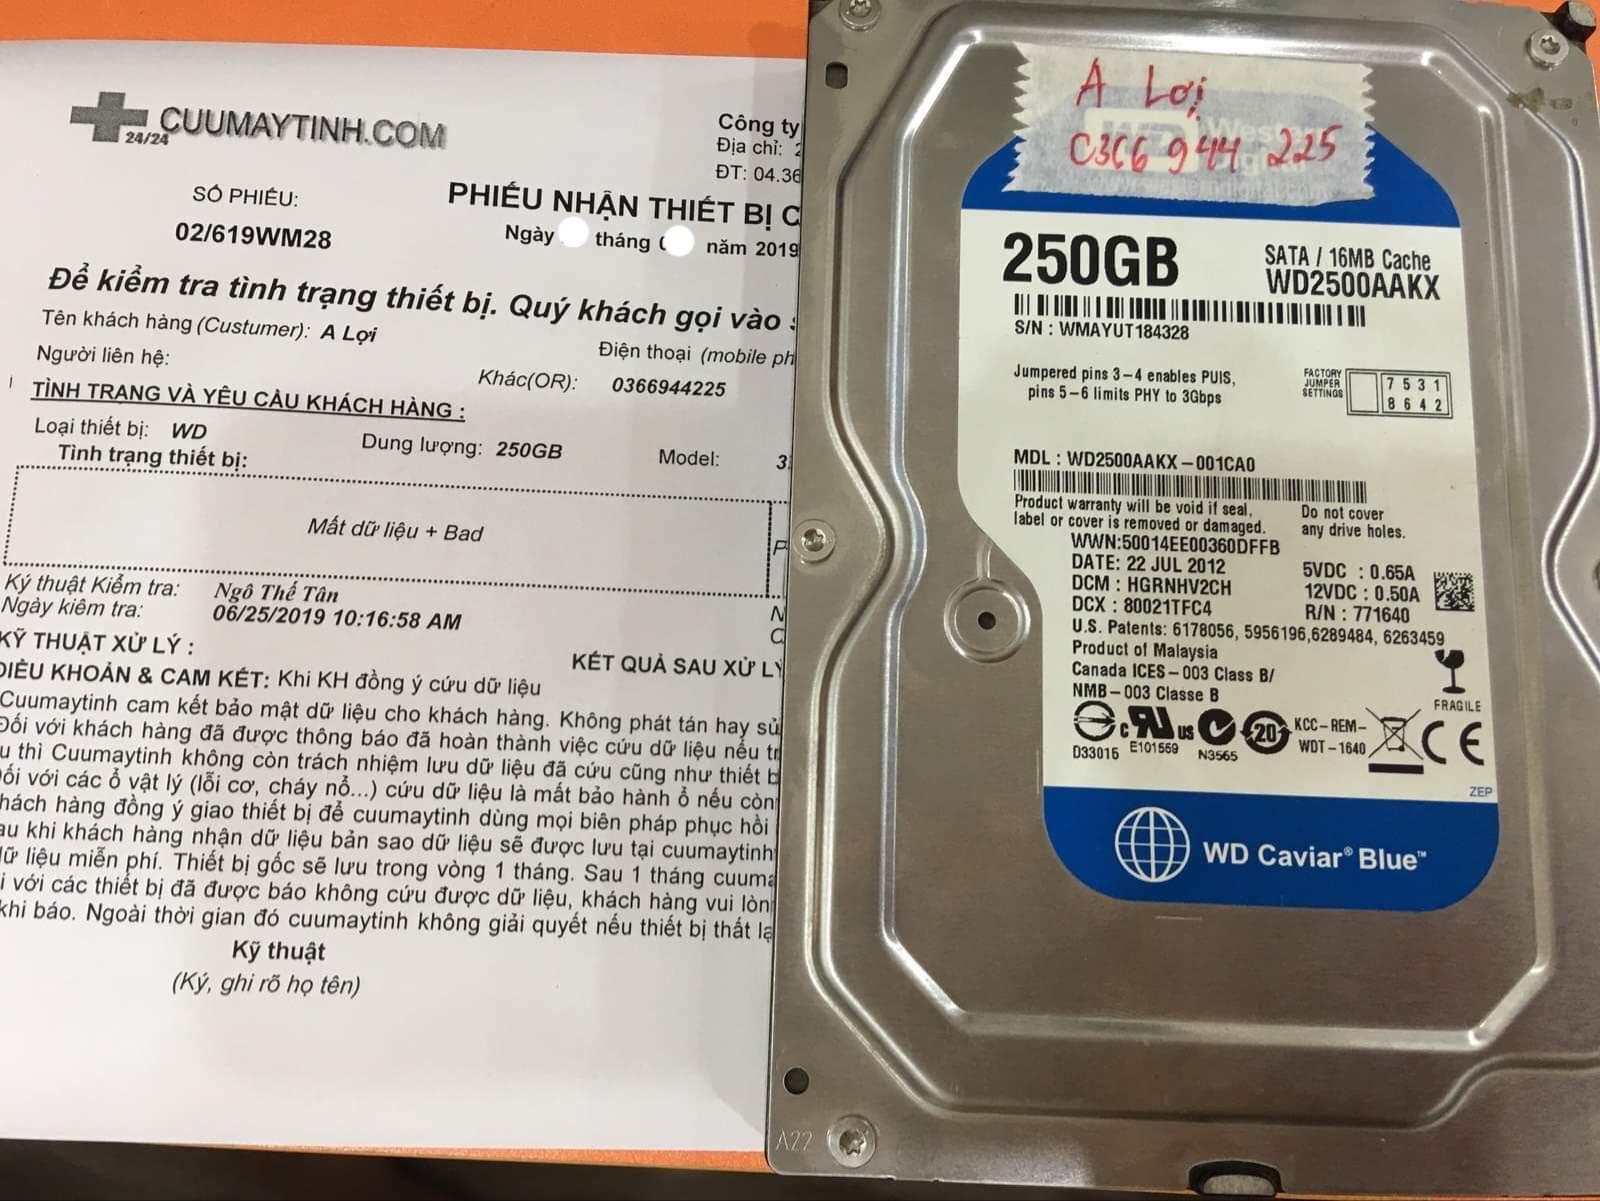 Cứu dữ liệu ổ cứng Western 250GB format nhầm 12/07/2019 - cuumaytinh